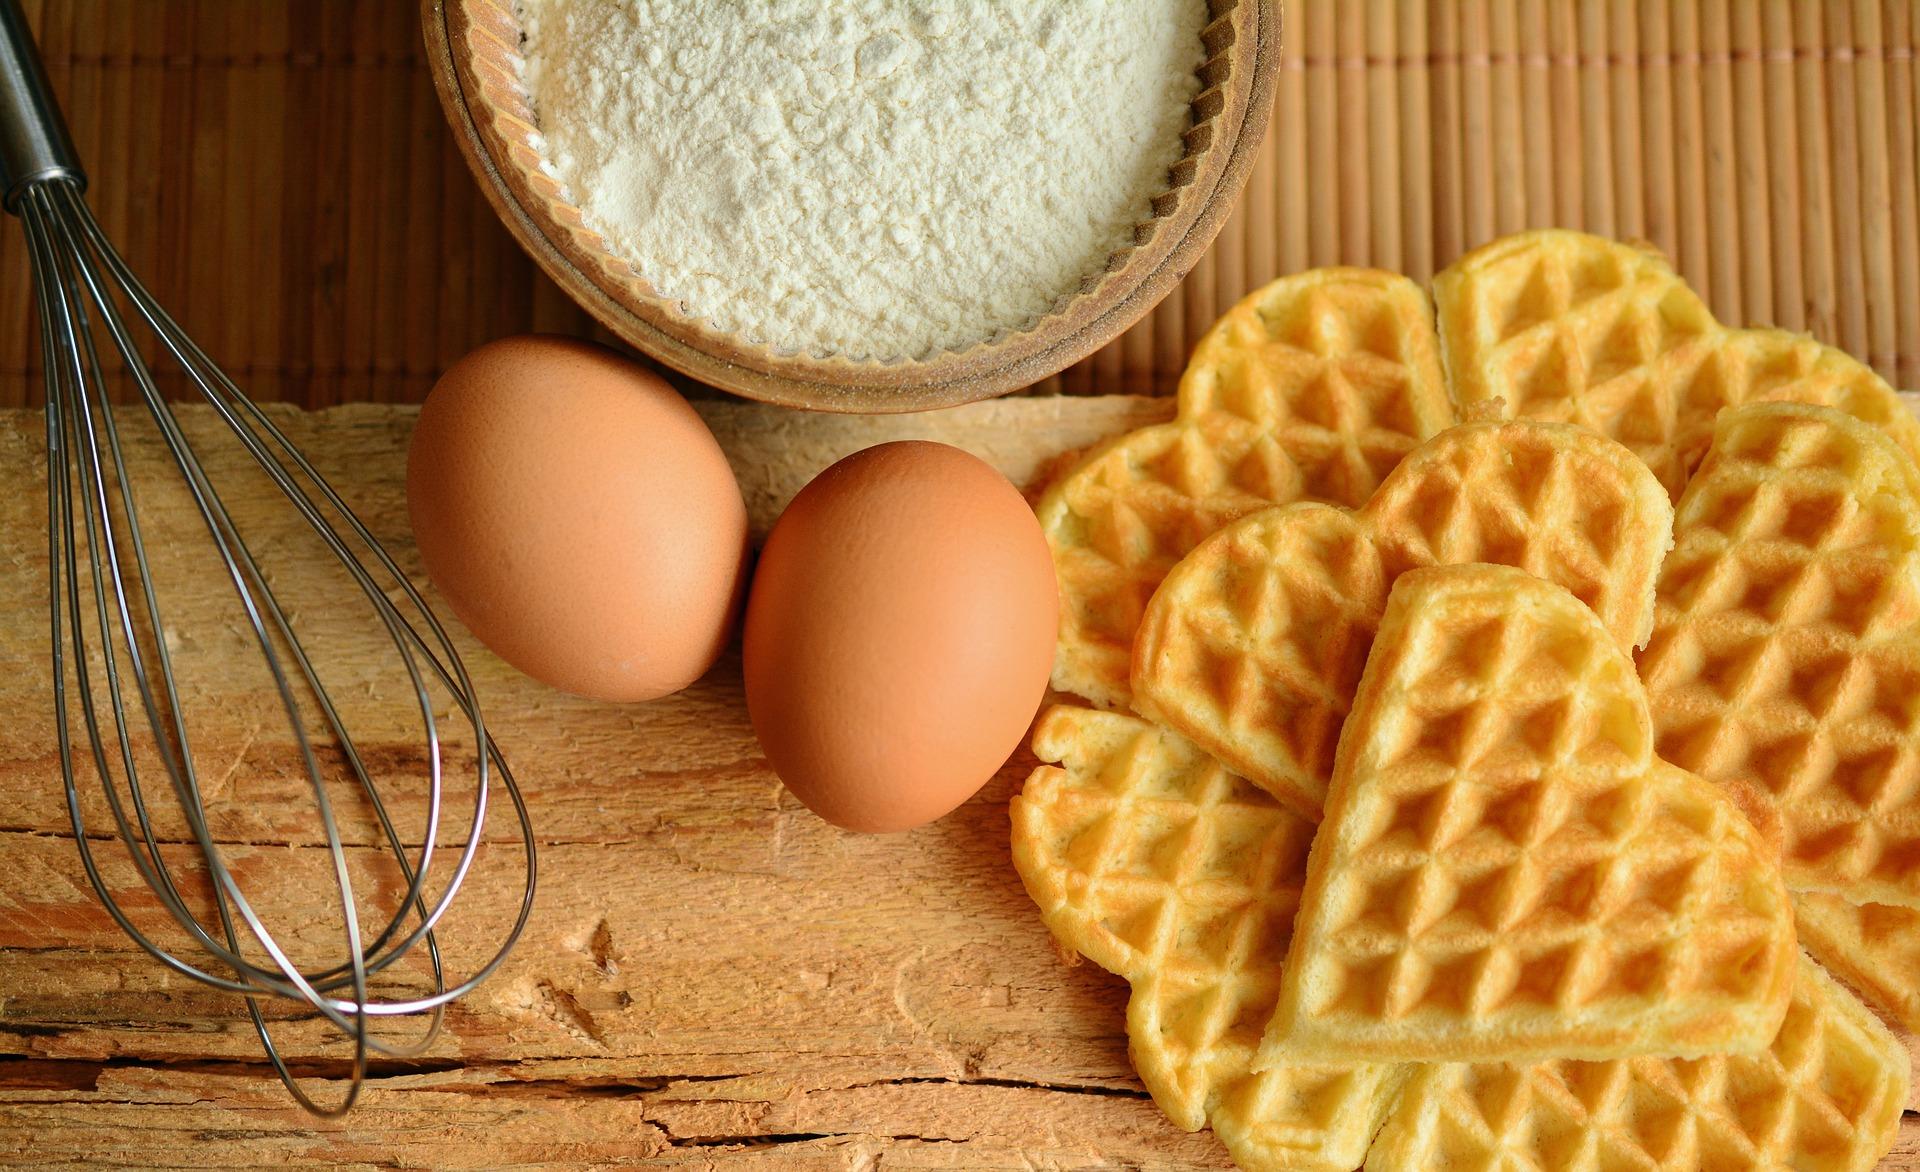 Drewniane akcesoria i naczynia do wyroby ciasta - czego potrzebujesz?